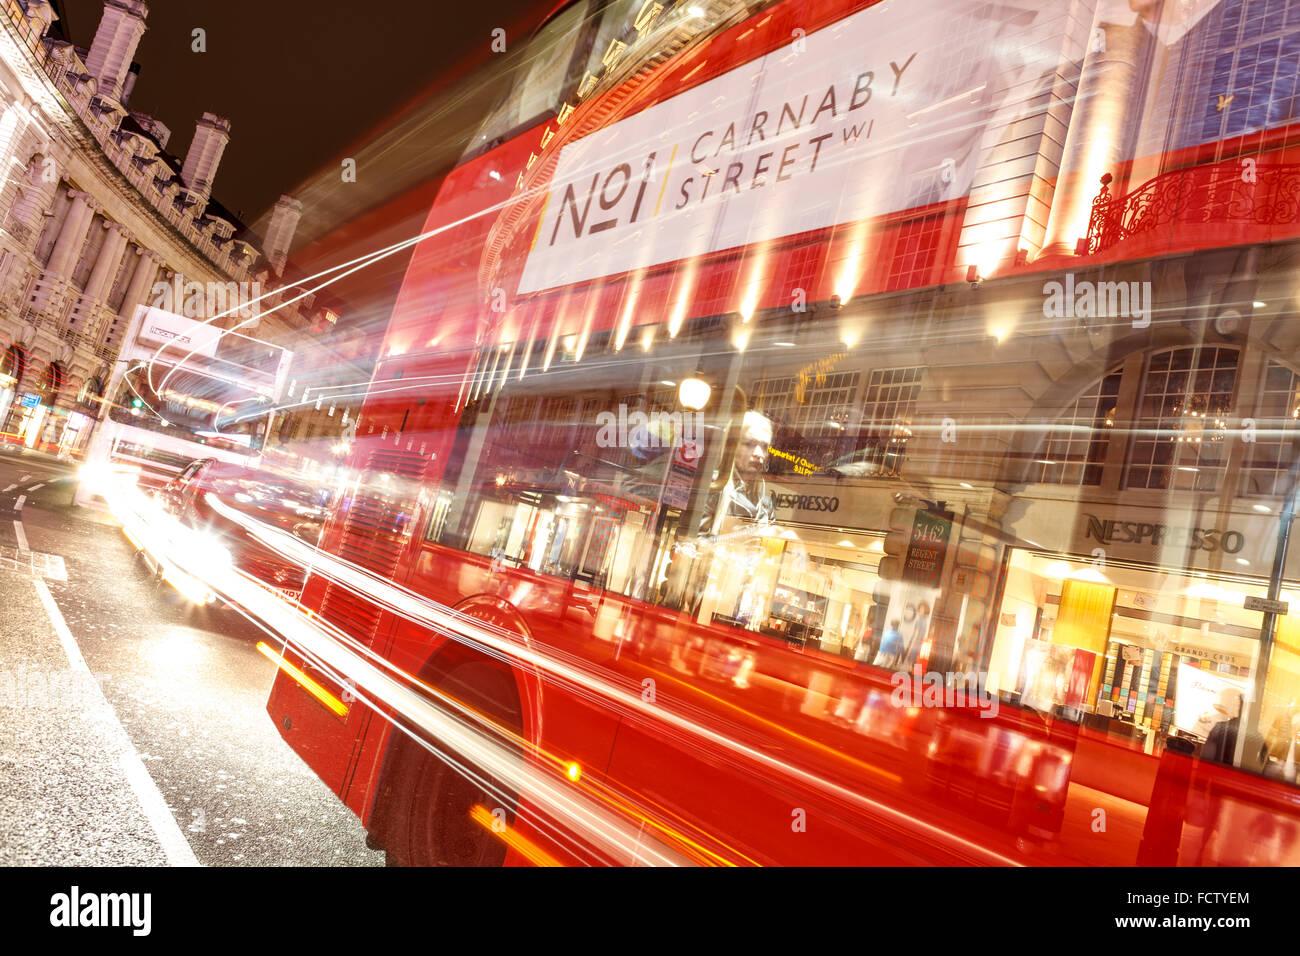 Bus rouge sur la Regent Street à Londres. Lumières floues à partir de la vitesse d'obturation Photo Stock